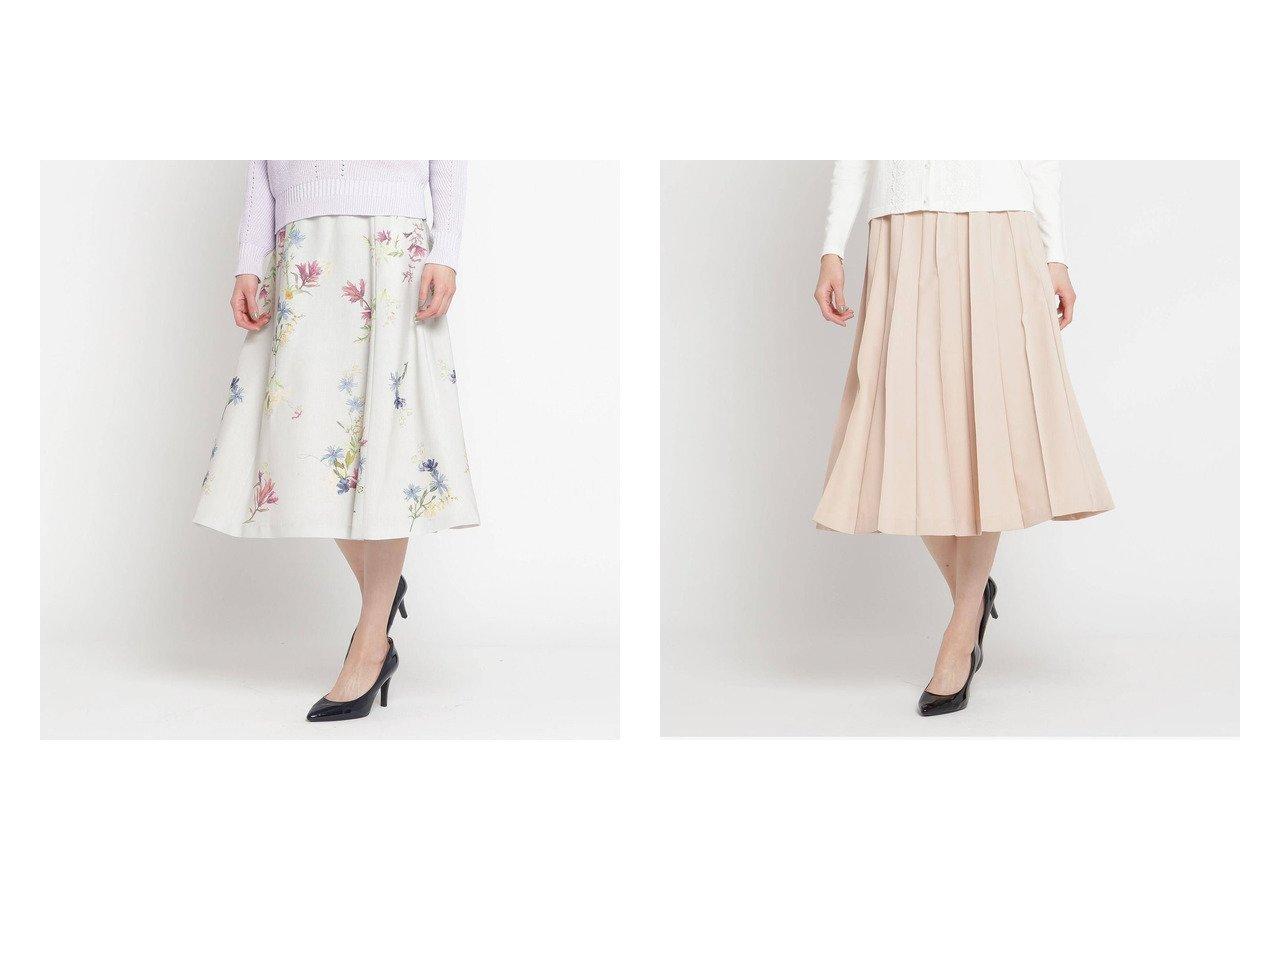 【SunaUna/スーナウーナ】のフラワープリントフレアスカート&リノツイルプリーツスカート SunaUnaのおすすめ!人気、トレンド・レディースファッションの通販 おすすめで人気の流行・トレンド、ファッションの通販商品 メンズファッション・キッズファッション・インテリア・家具・レディースファッション・服の通販 founy(ファニー) https://founy.com/ ファッション Fashion レディースファッション WOMEN スカート Skirt Aライン/フレアスカート Flared A-Line Skirts プリーツスカート Pleated Skirts 2021年 2021 2021 春夏 S/S SS Spring/Summer 2021 S/S 春夏 SS Spring/Summer インナー フレアースカート プリント ポケット 春 Spring |ID:crp329100000020106